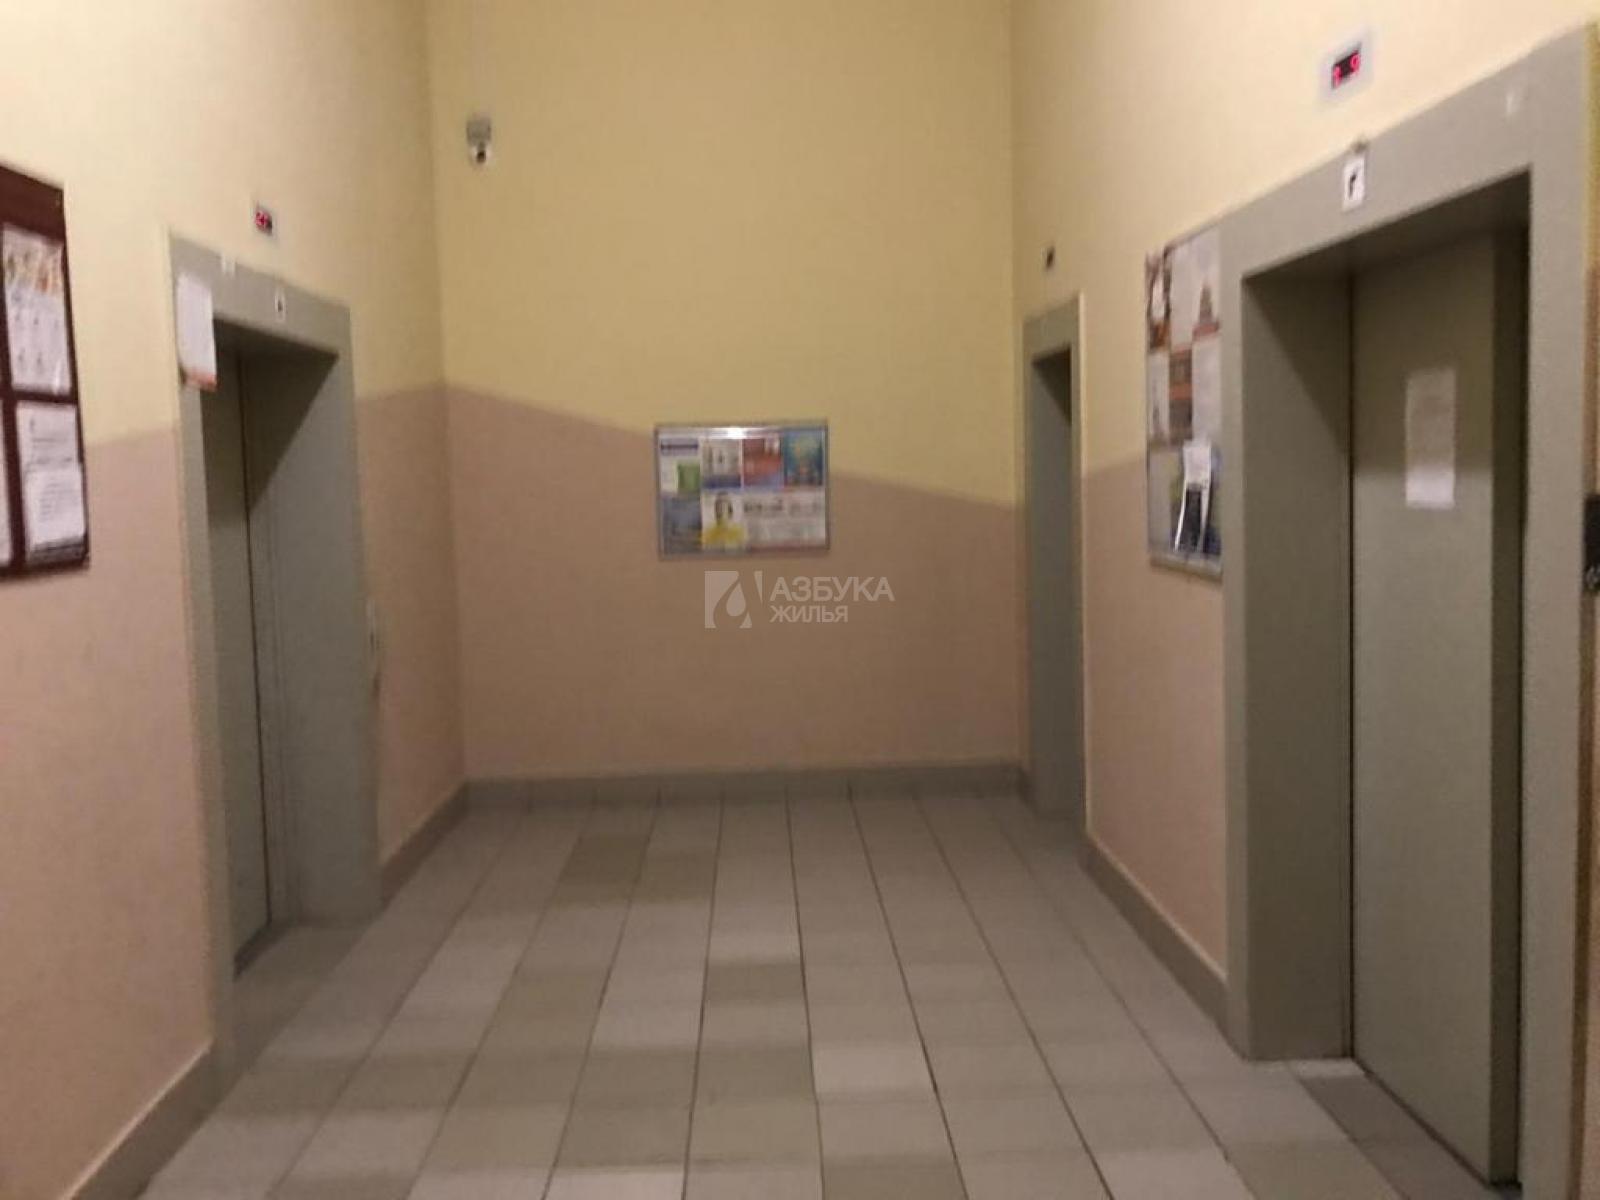 Фото №4 - 2-комнатная квартира, Москва, город Щербинка, Барышевская Роща улица 18, метро Бульвар Дмитрия Донского